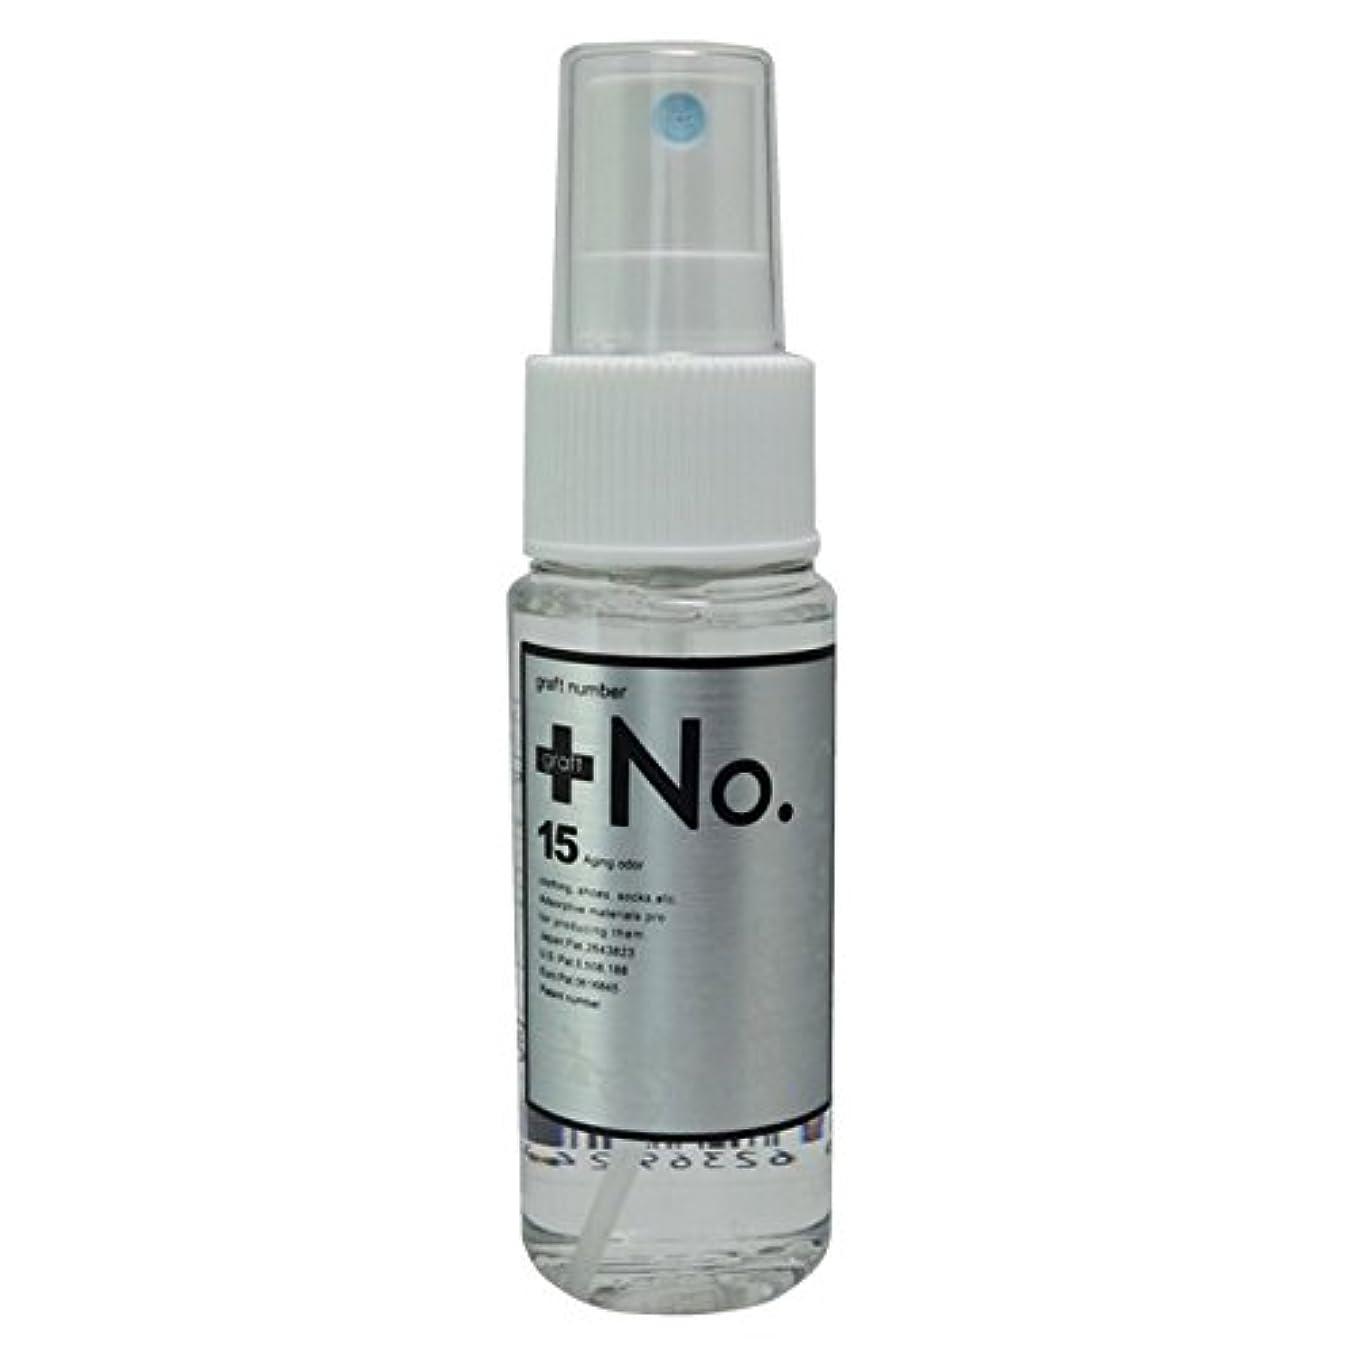 赤のれん削減携帯 消臭剤 スプレー 年齢と共に増える加齢臭の瞬間消臭対策にグラフトナンバー15(50ml)